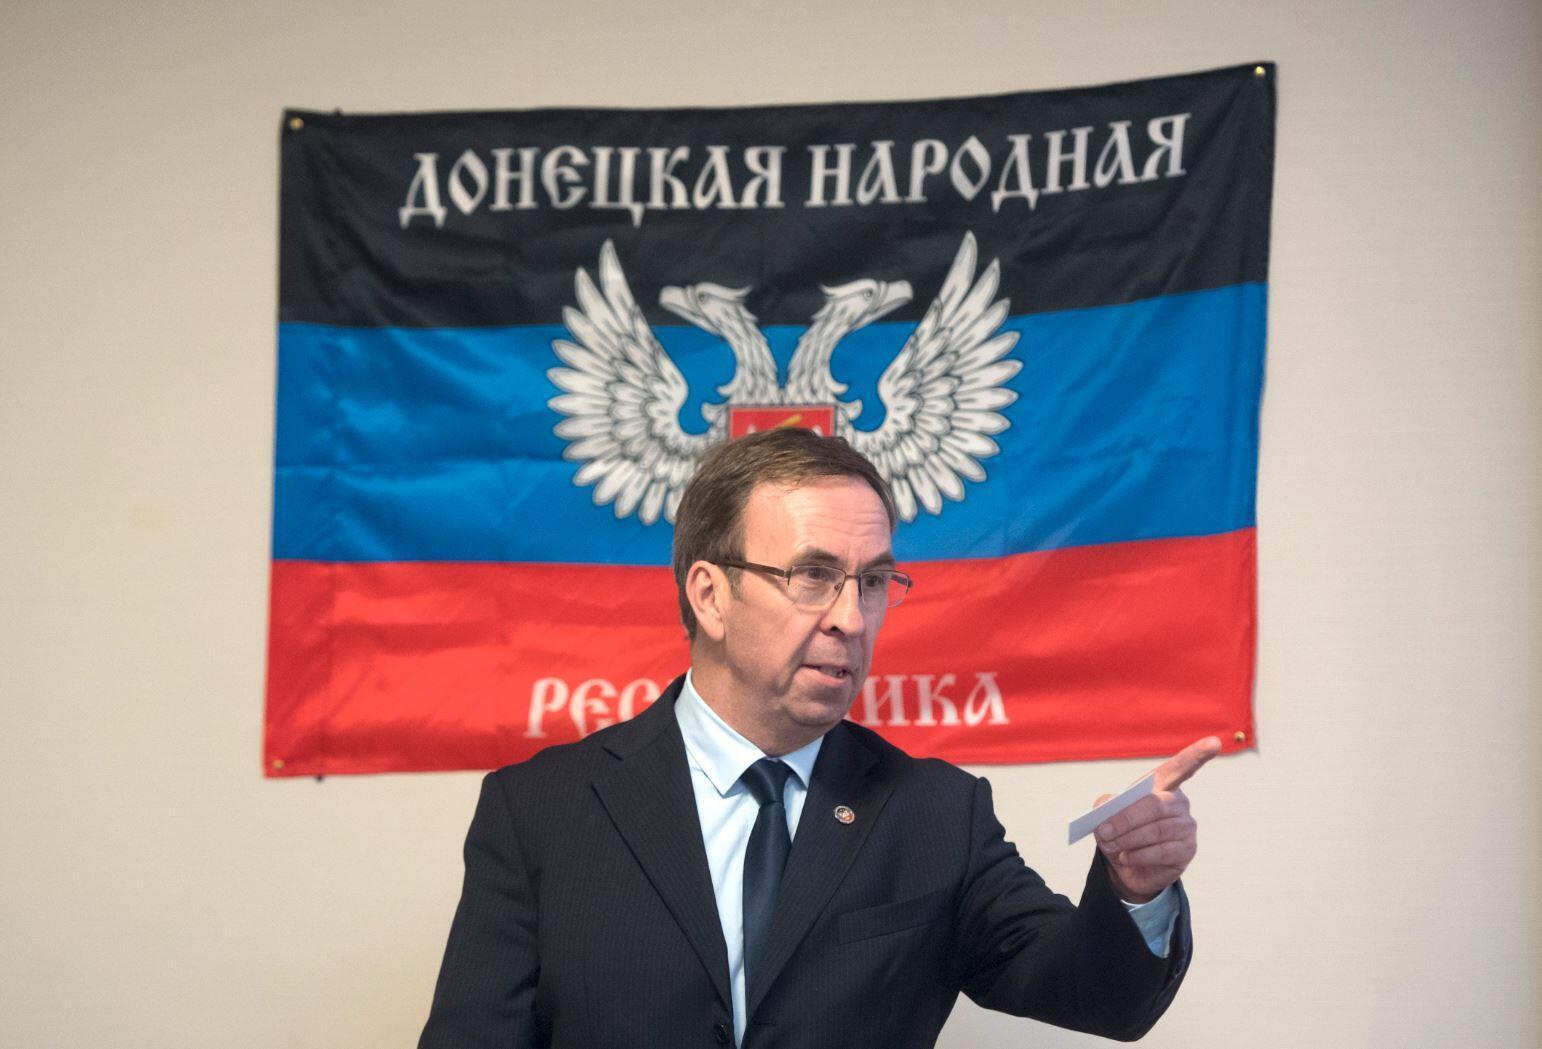 Бывший депутат от крайне правых Юбер Файяр на открытии «представительства» ДНР в Марселе, сентябрь 2017 г.